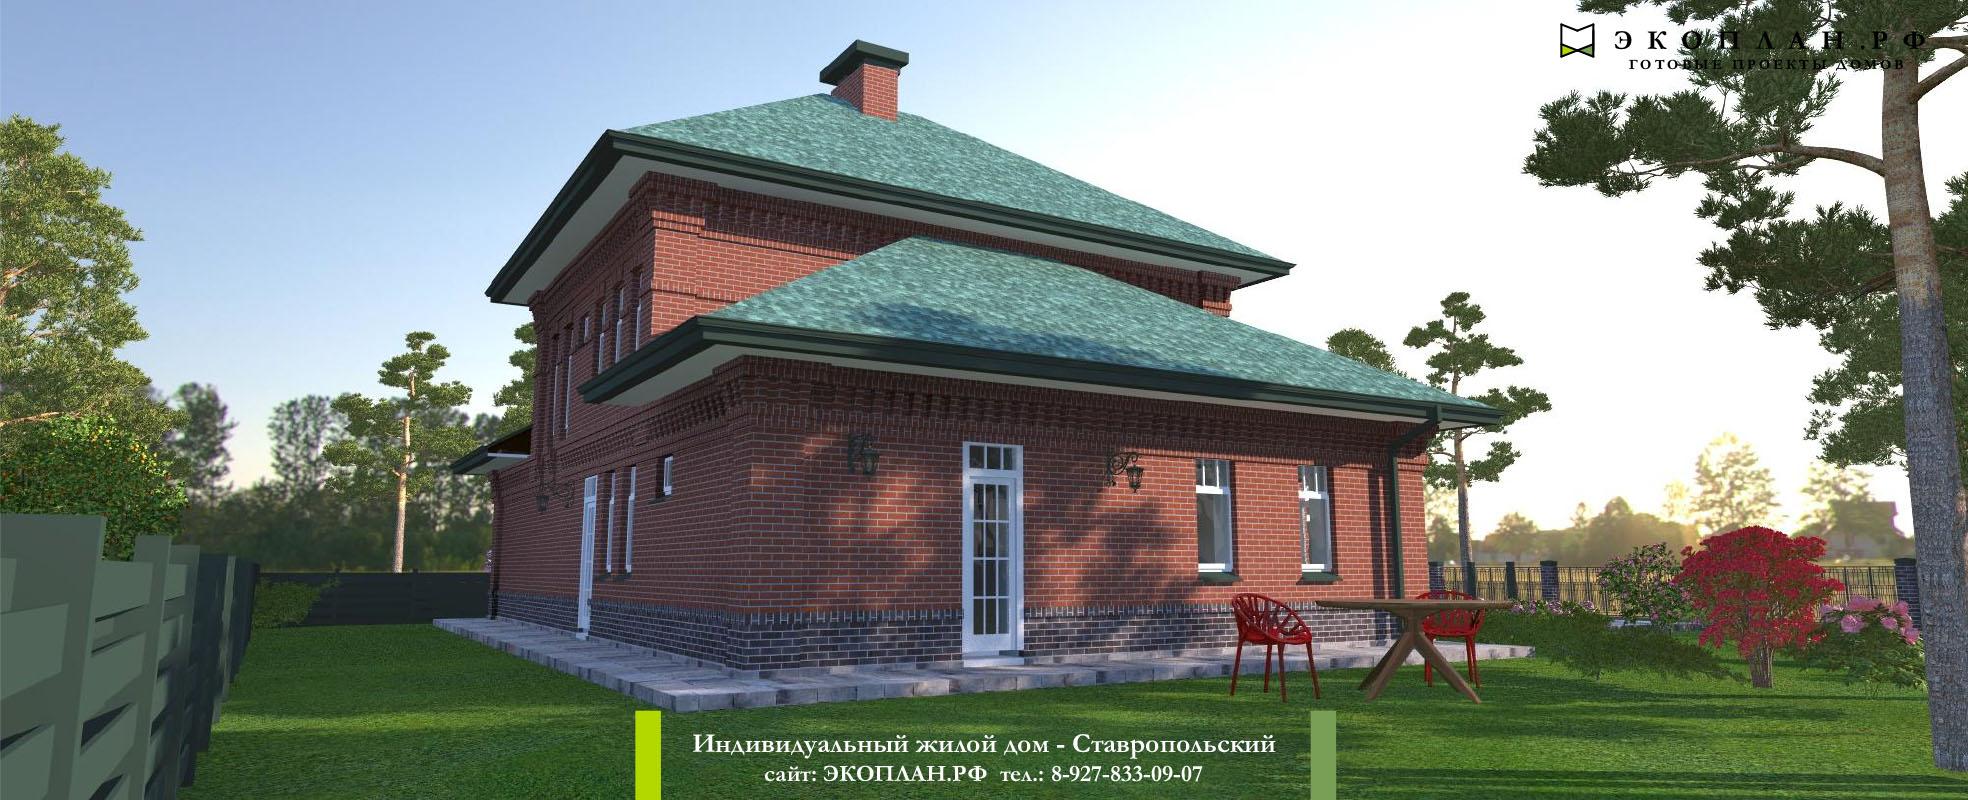 Ставропольский готовый проект дома фасад